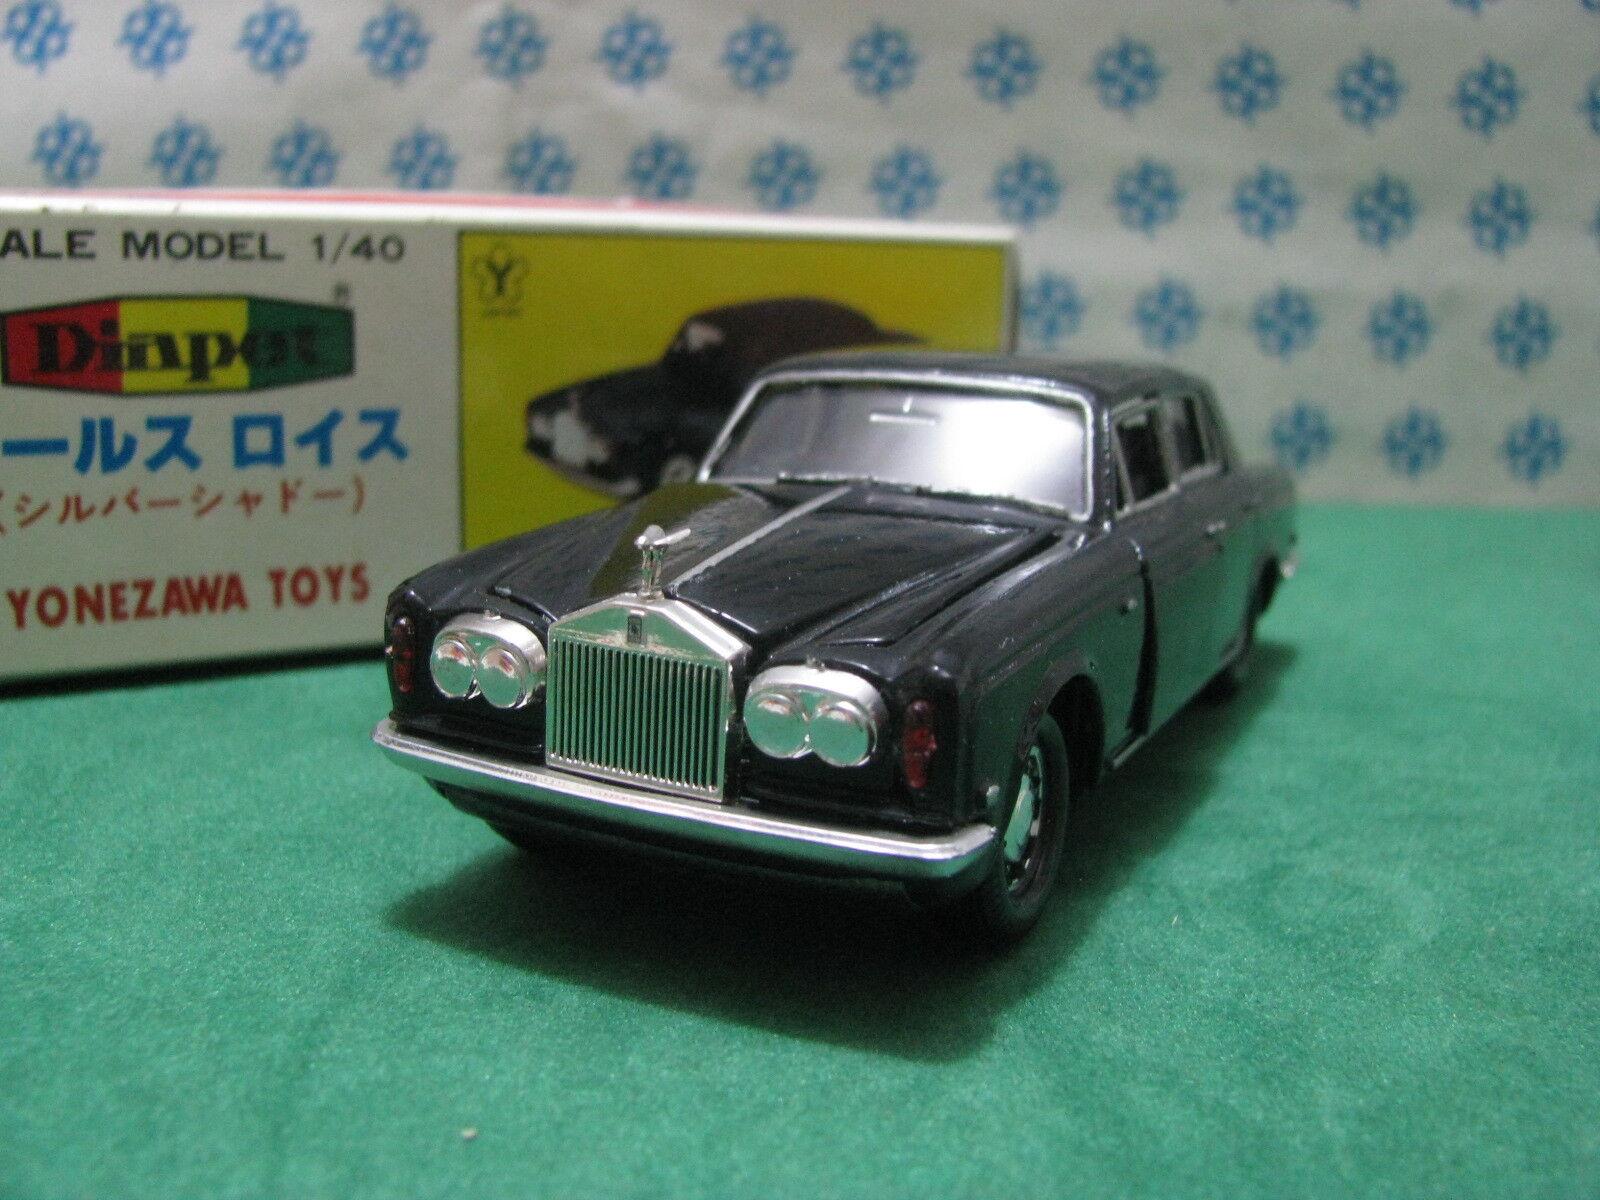 Vintage - Rolls-Royce plata Shadow - 1 40 G-71 Diapet Yonezawa Toys N° 01417